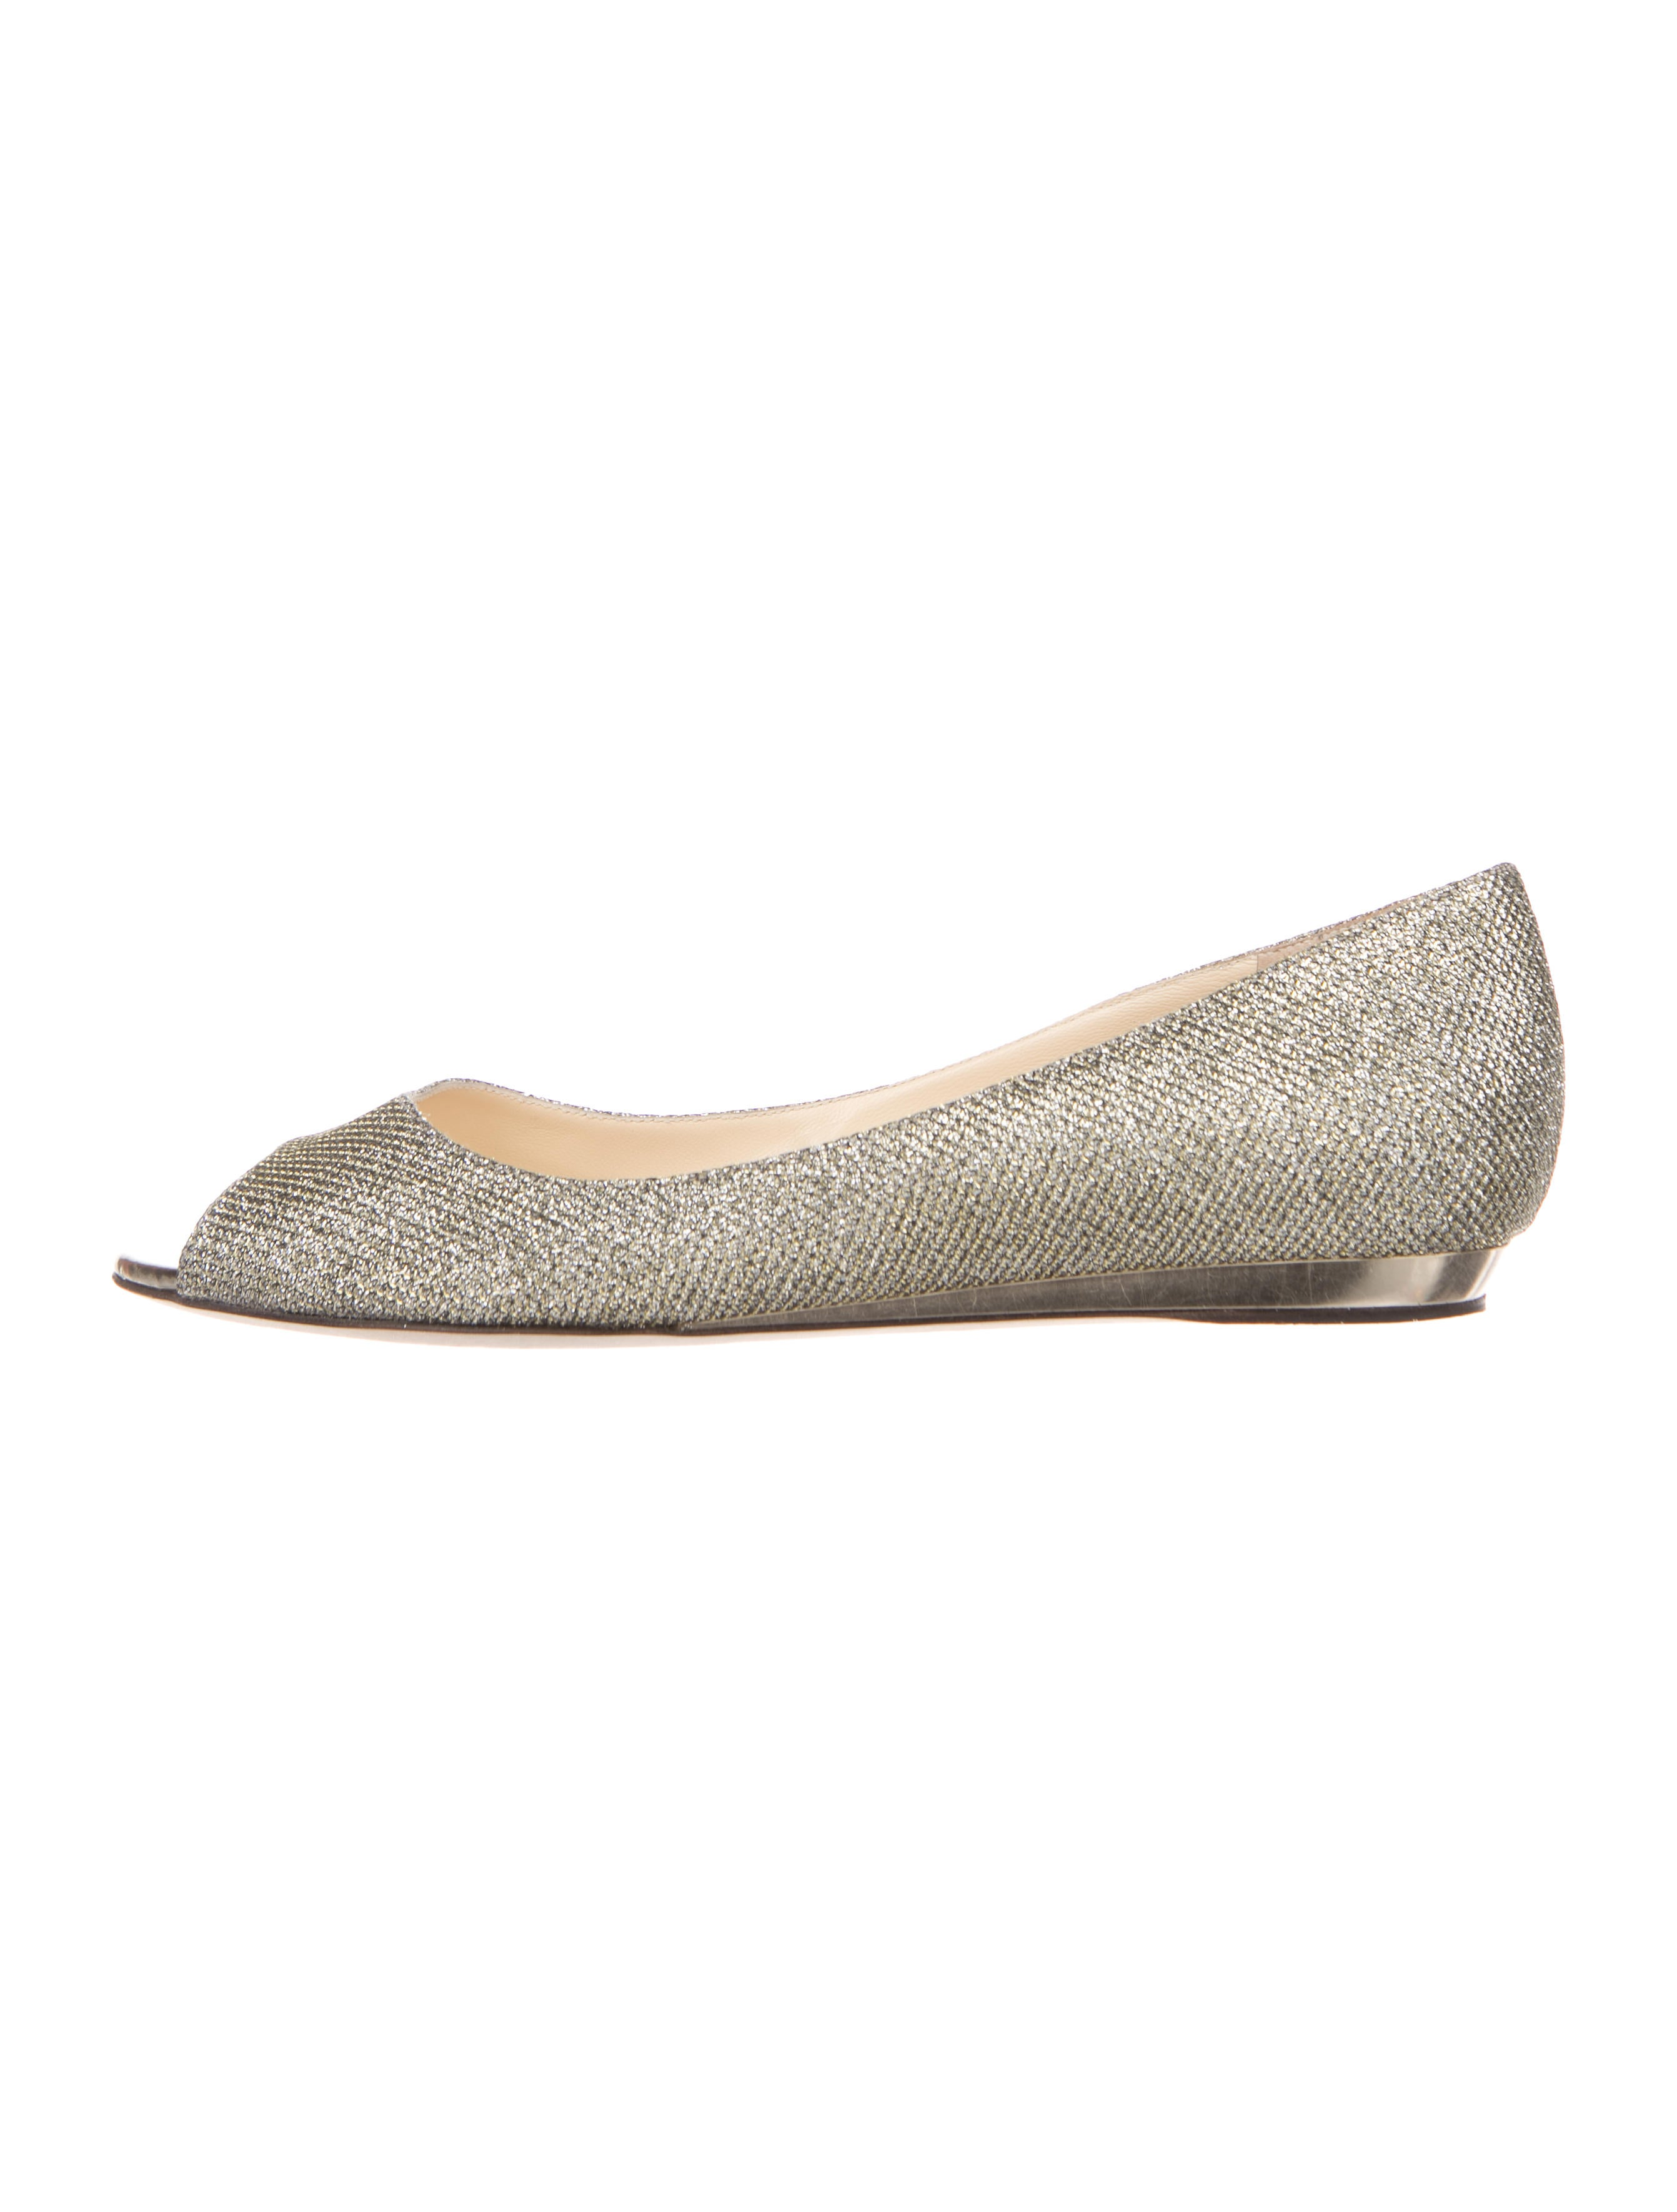 49bebfc258d4 Jimmy Choo Glitter Peep-Toe Flats - Shoes - JIM88138